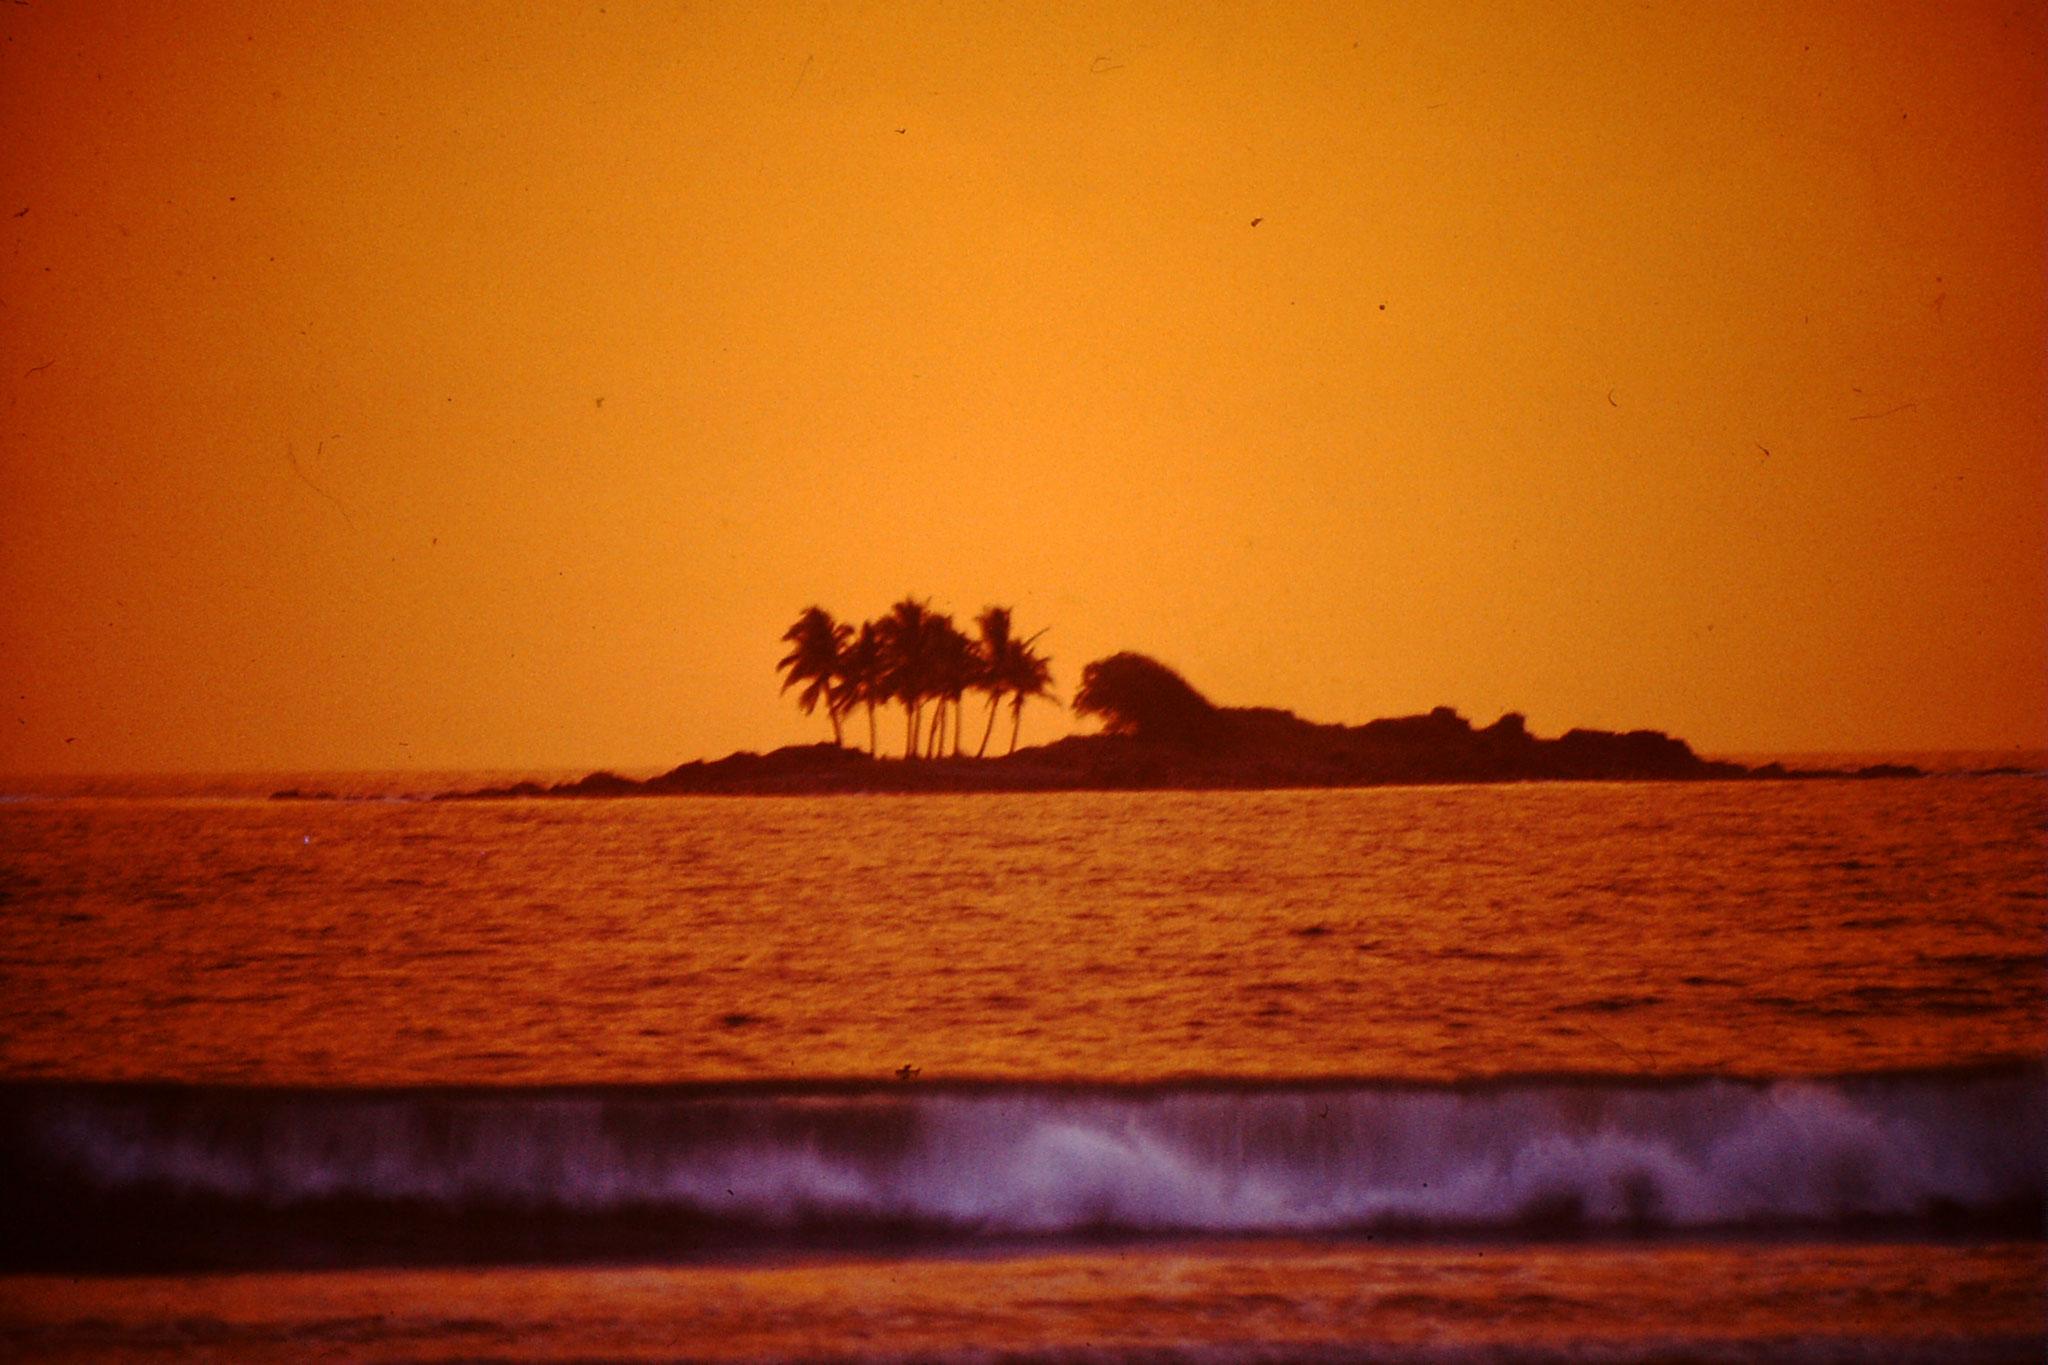 18. Der Strand von Dixcove. Dies war der absolut herrlichste Strand den ich in all den Jahren fand. Durch die vorgelagerte Insel war auch der Atlantik ganz ruhig. Man konnte sehr weit rausgehen und hatte immer noch Bodenkontakt.